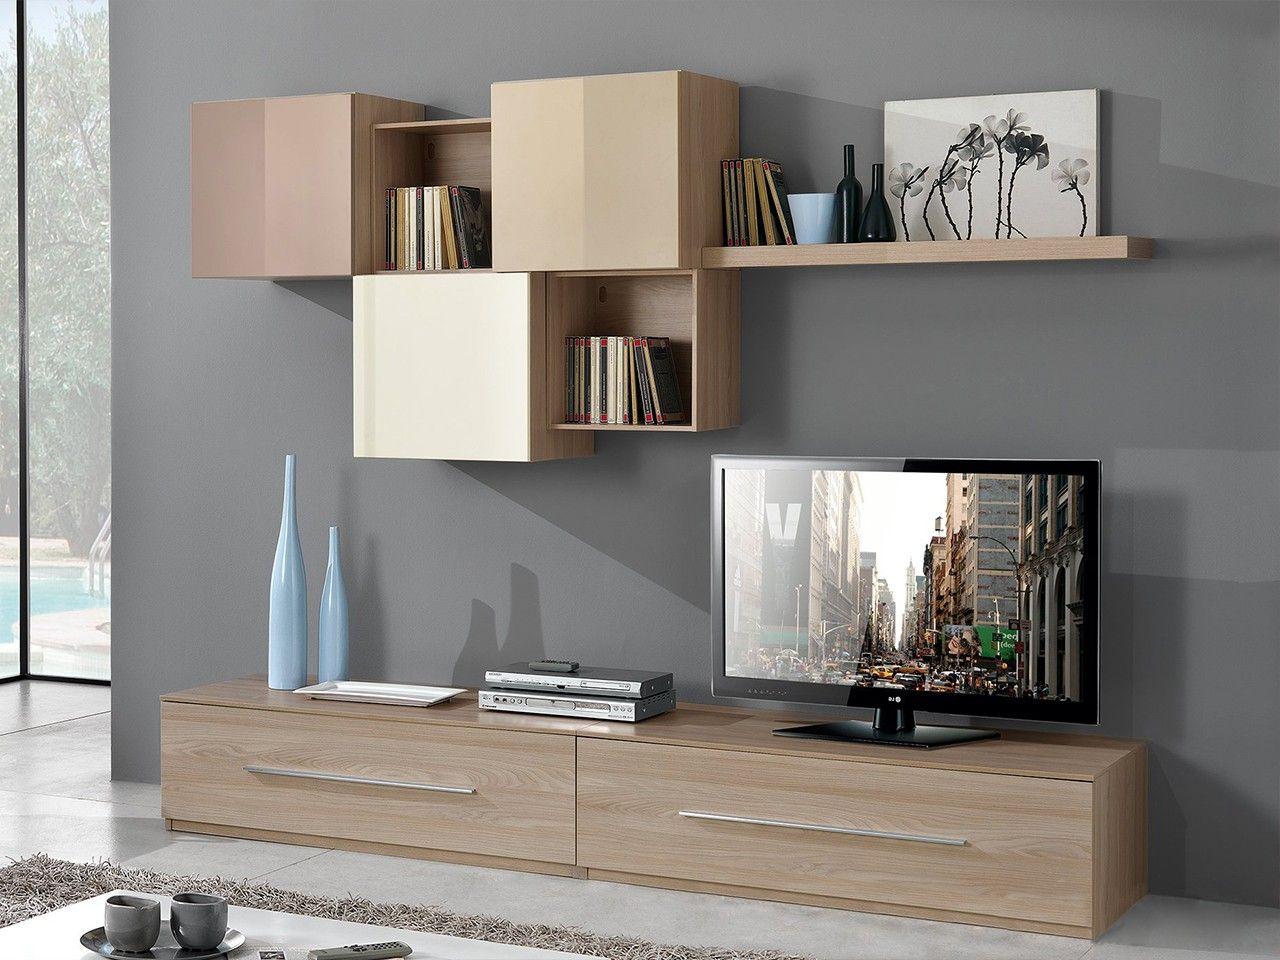 Resultado De Imagen Para Bife Mueble Moderno Casa Pinterest  # Muebles Vanguardistas